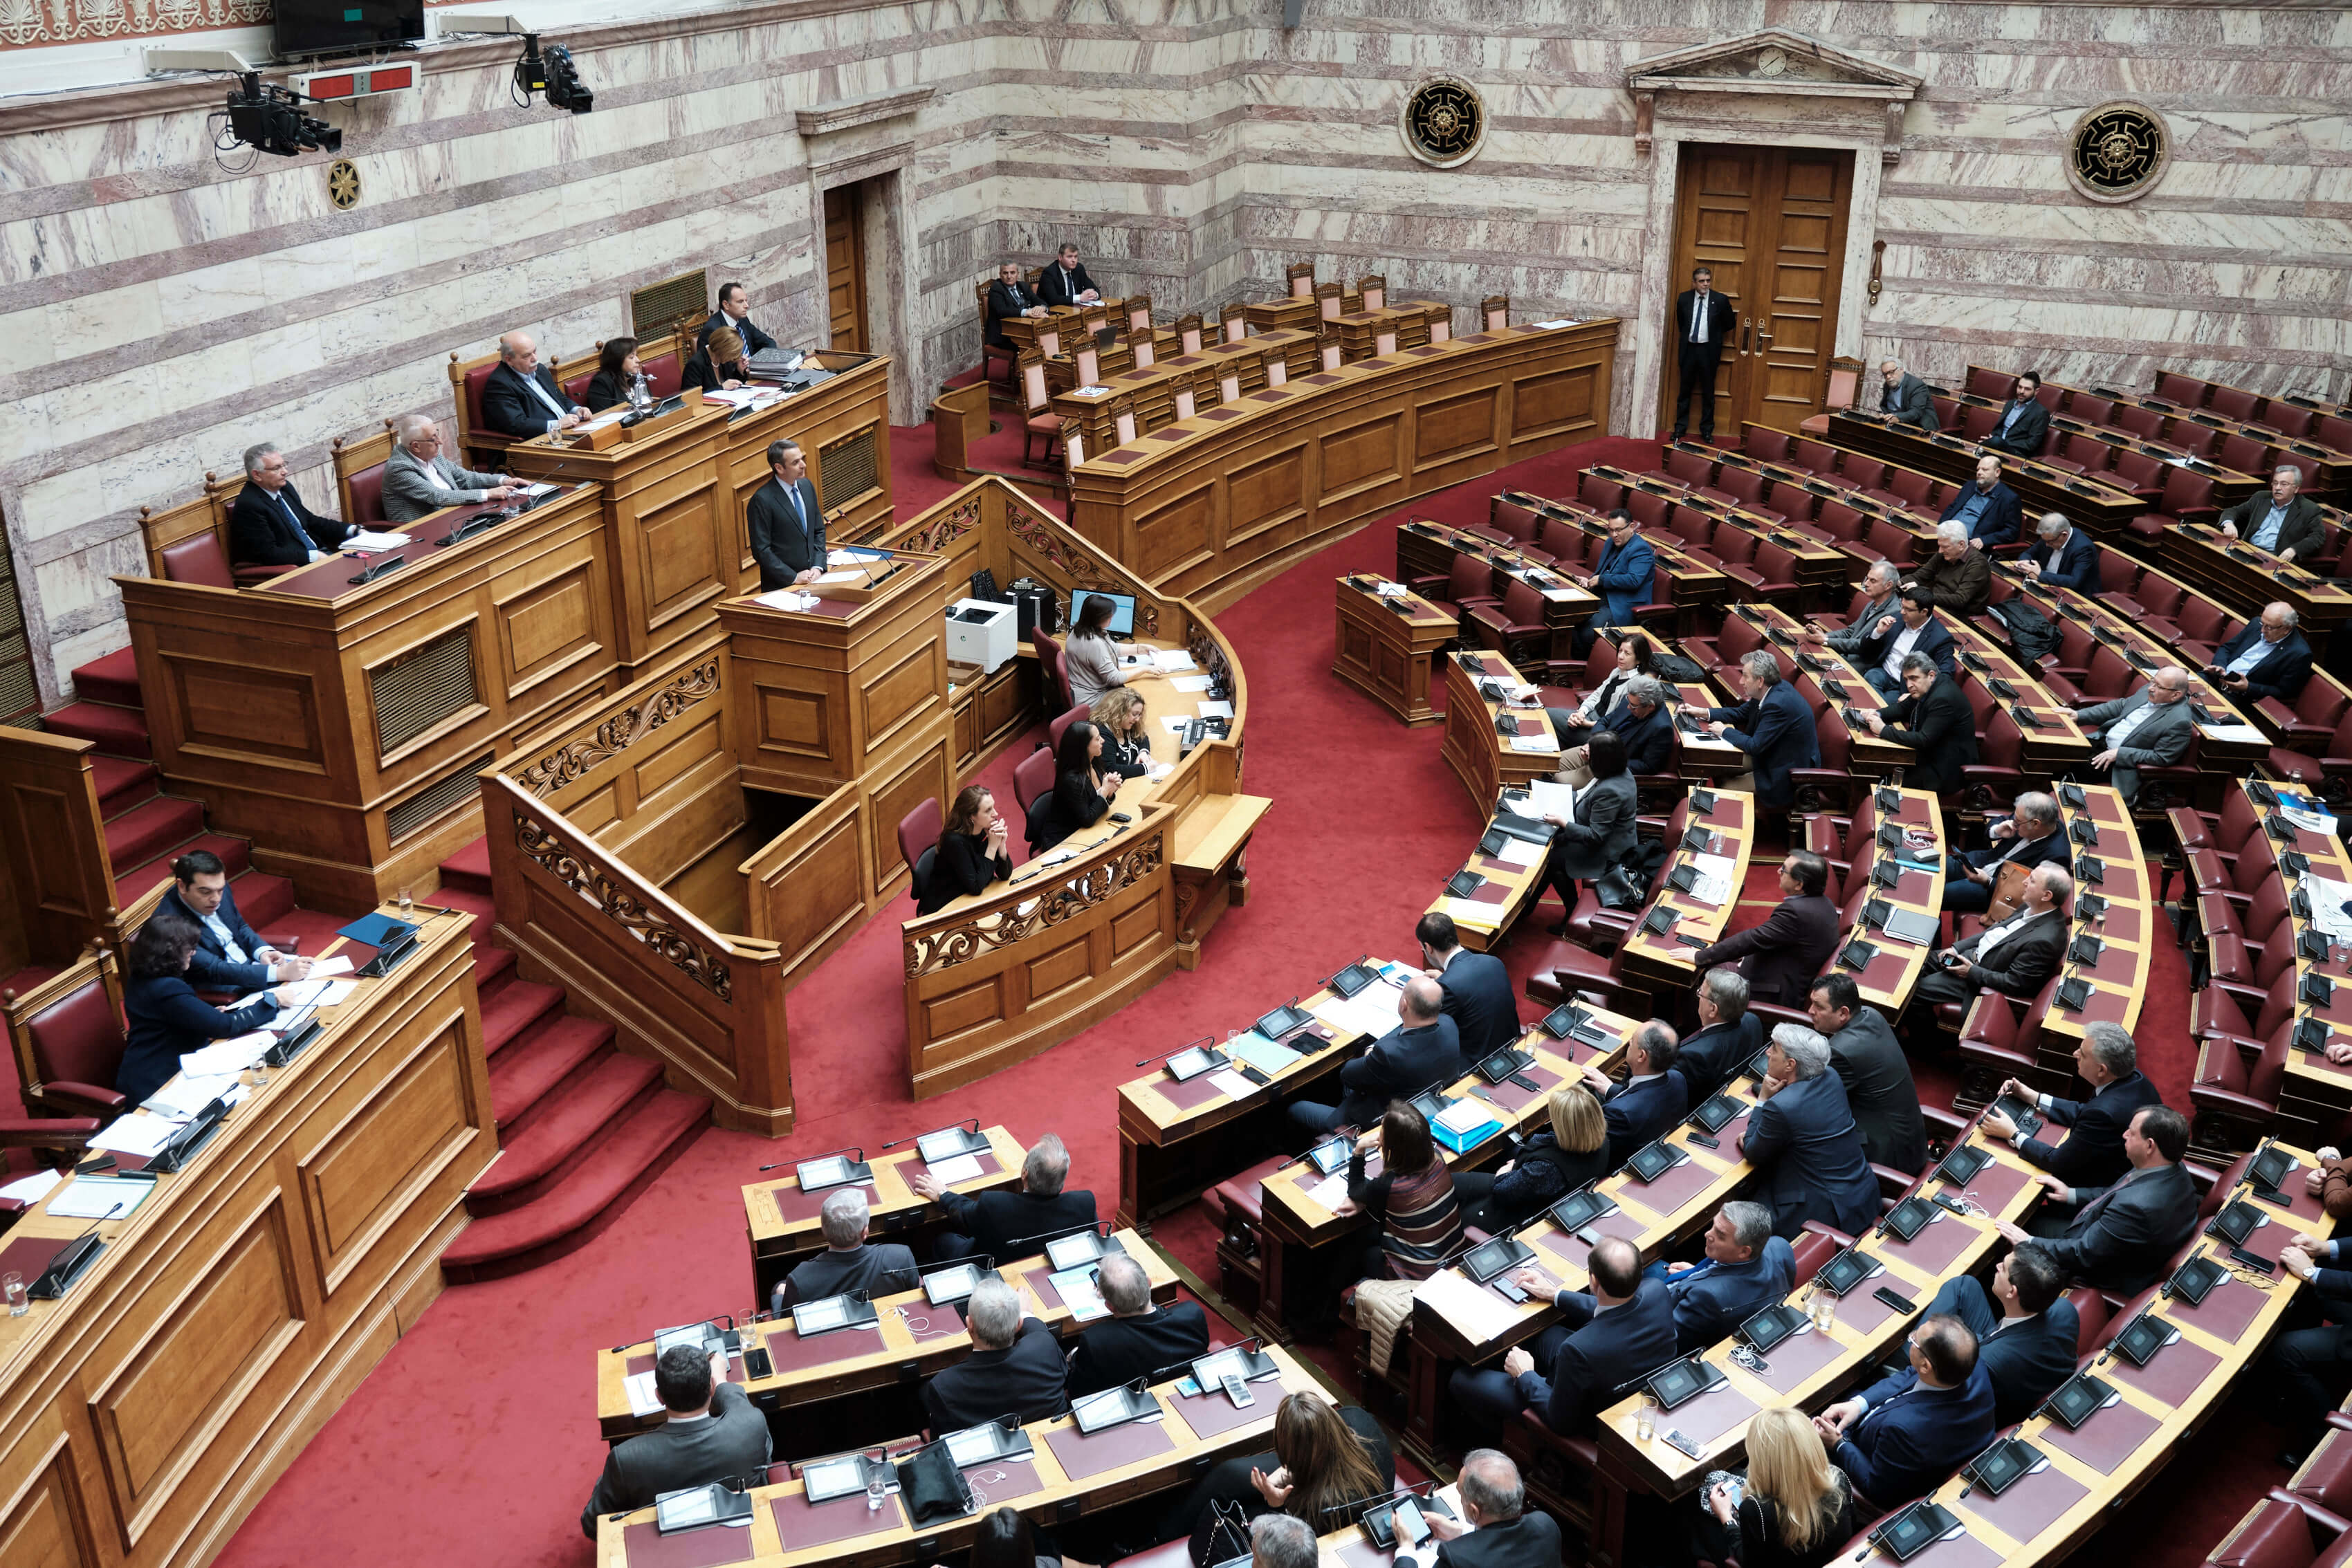 Ψηφοφορία για τις υπό αναθεώρηση διατάξεις